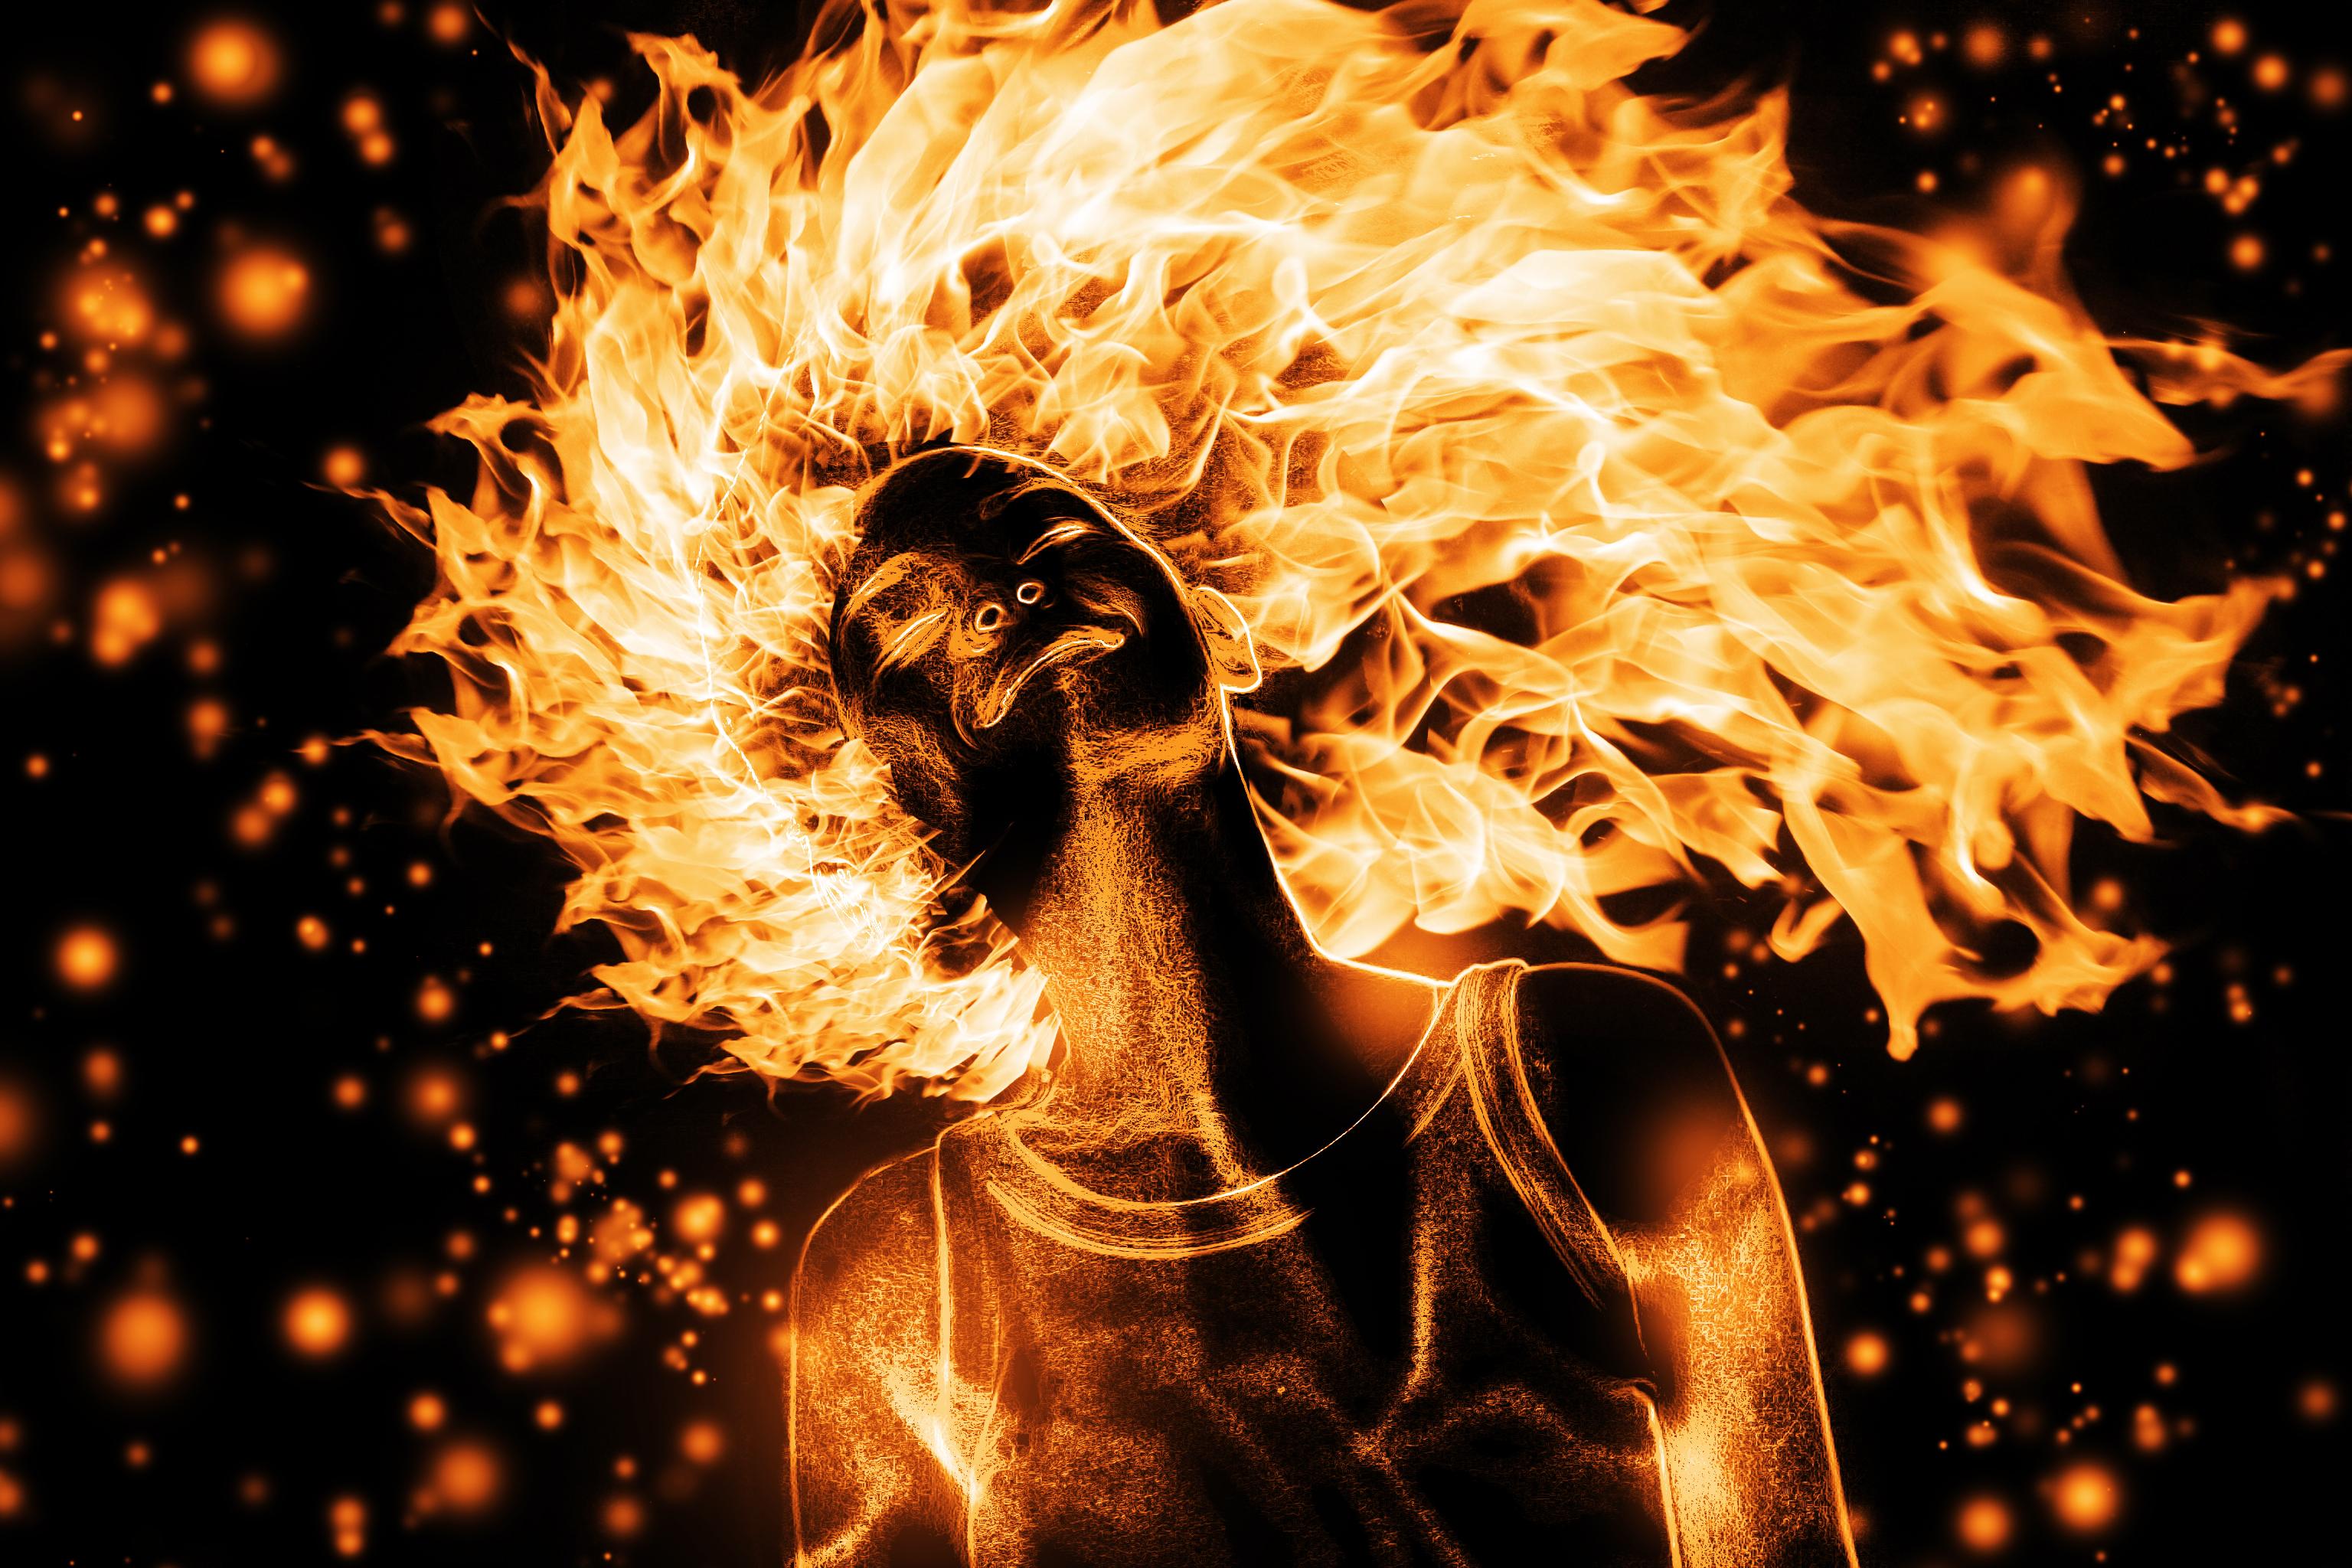 фото люди с огнями